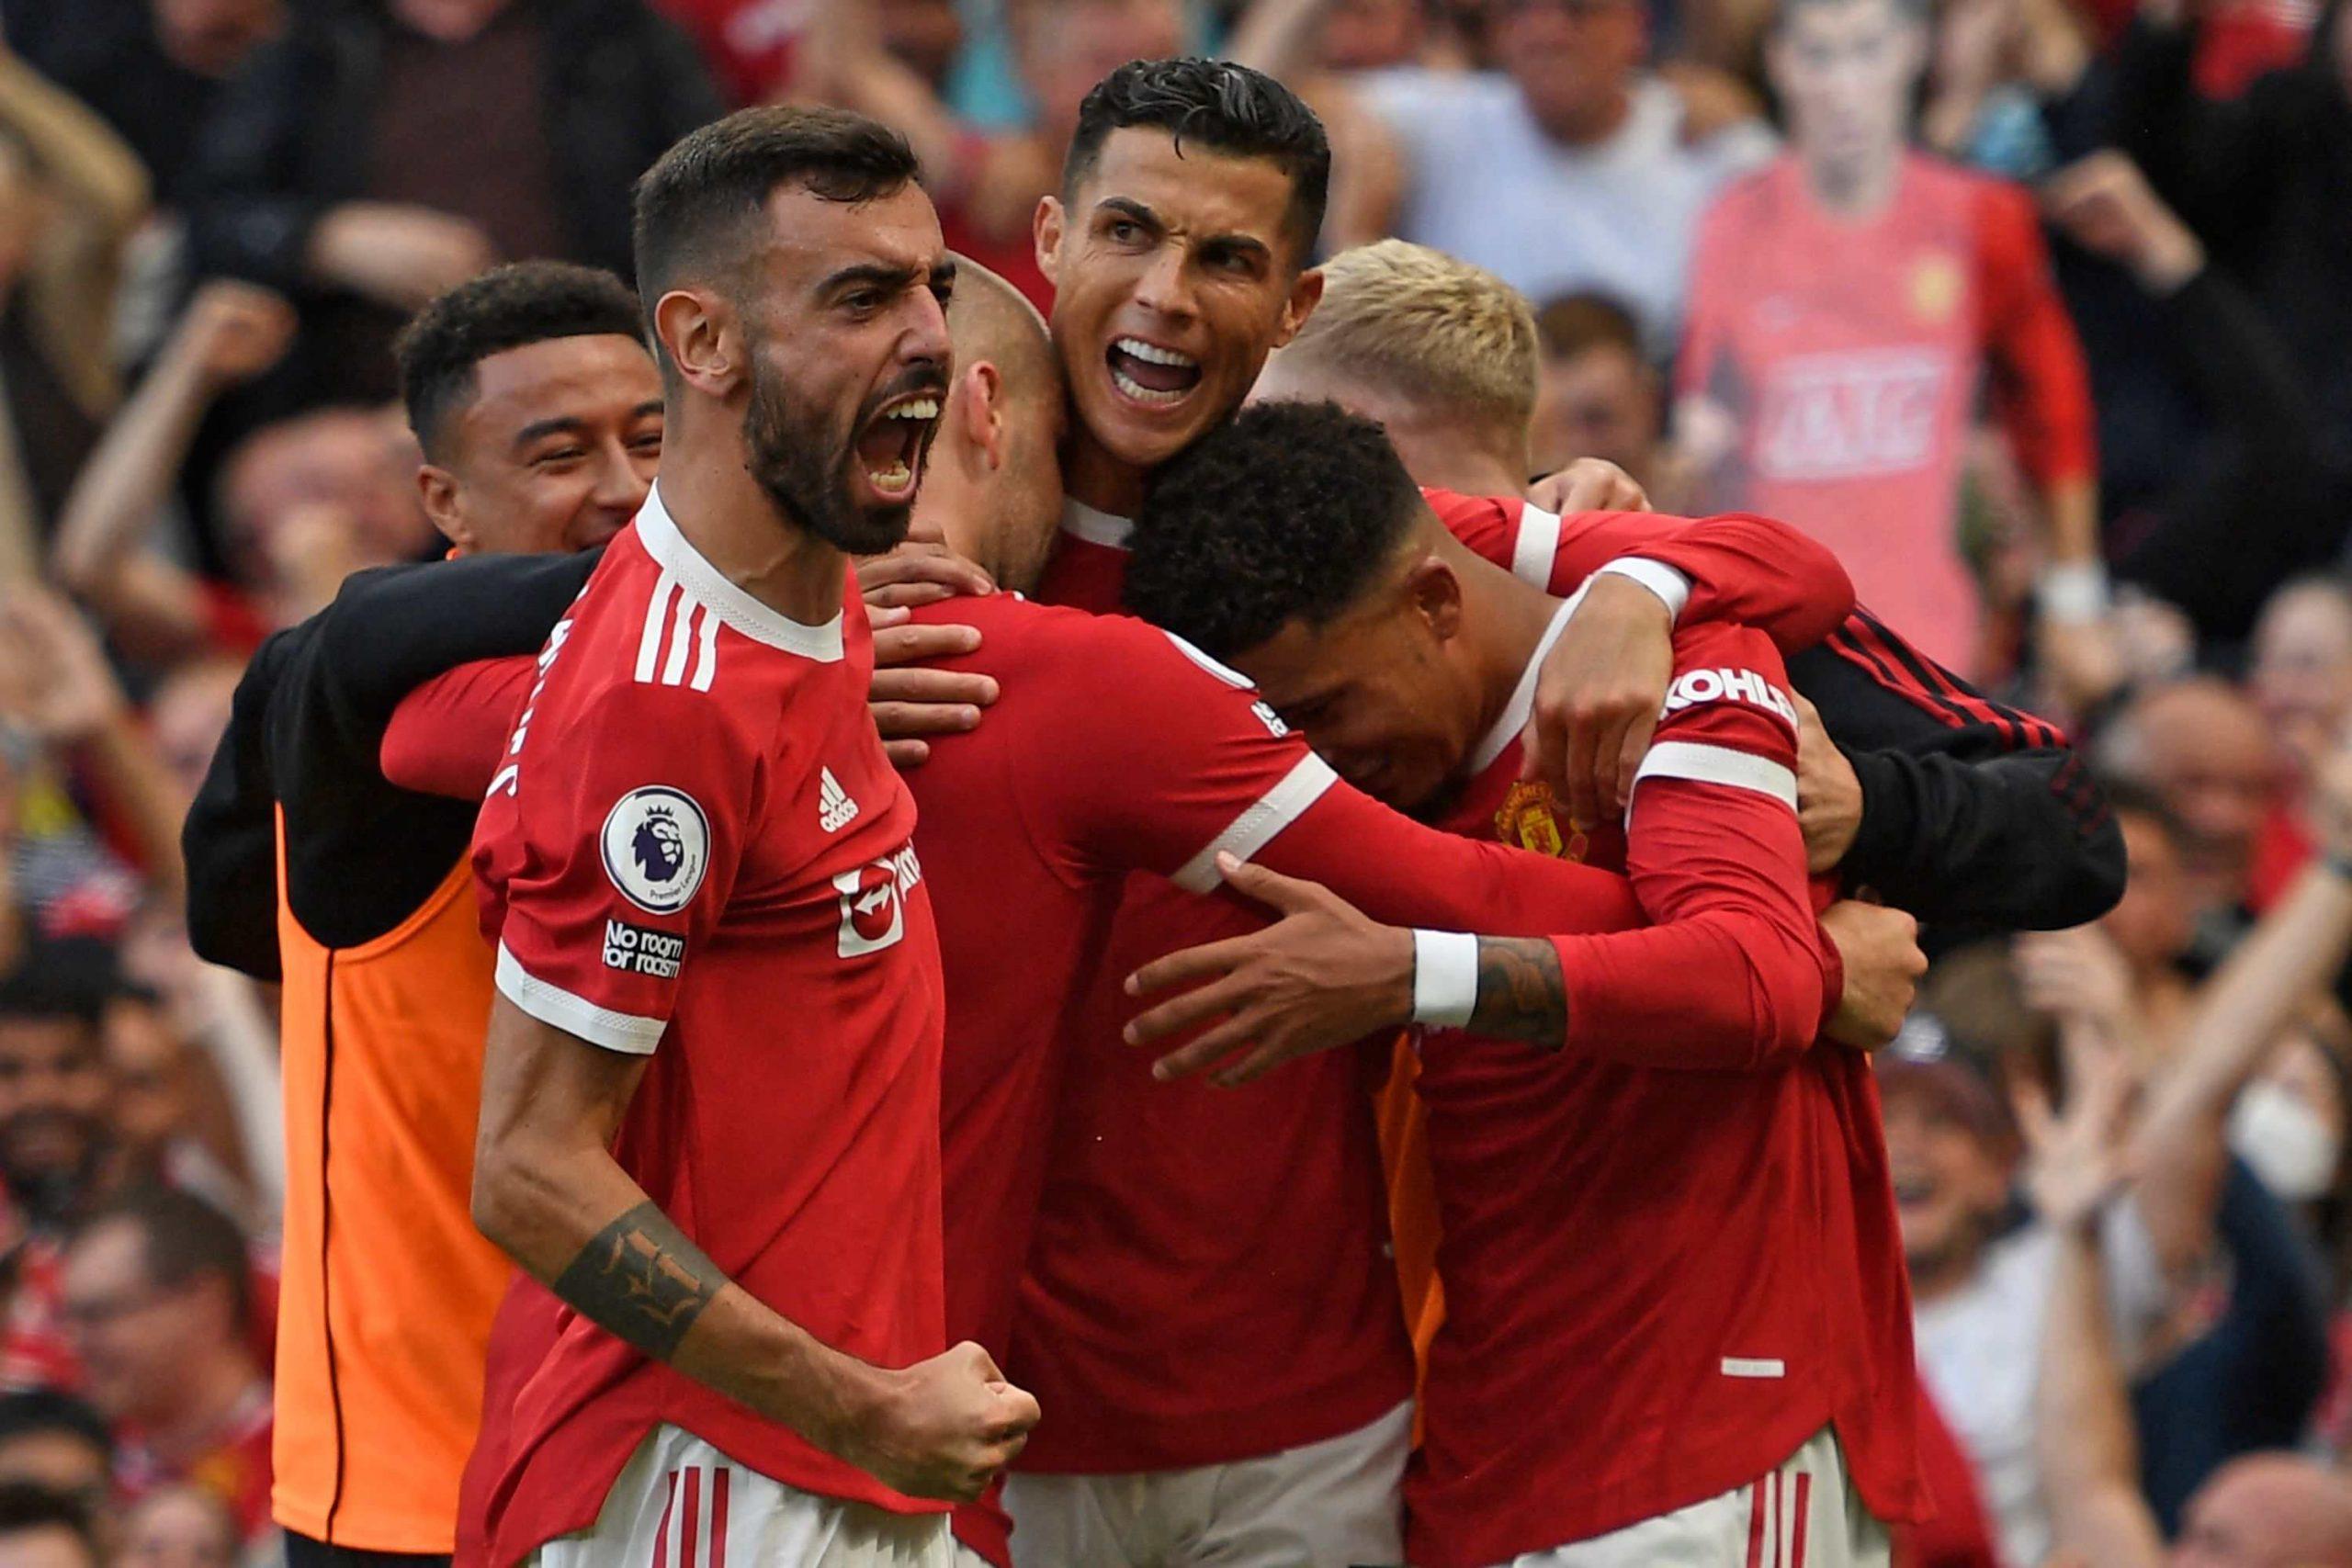 Cristiano celebró el regreso con doblete y liderazgo del United en la Premier League - Prensa Libre